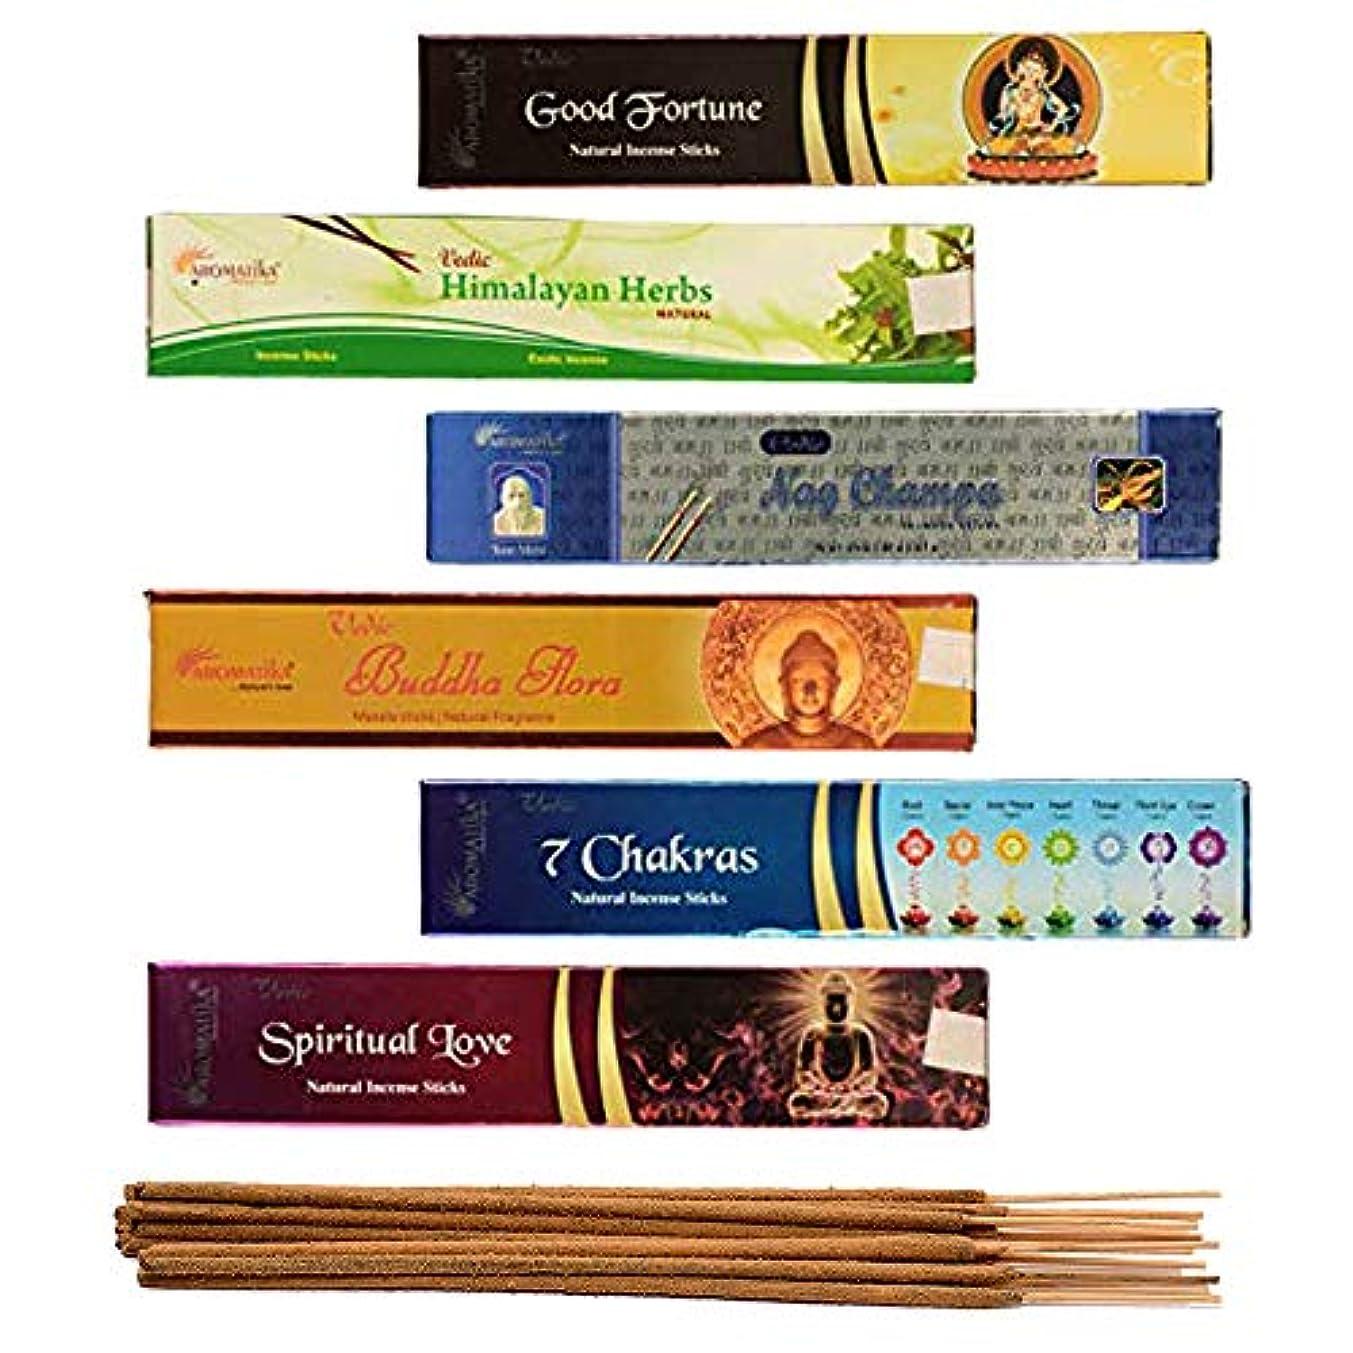 イノセンス他のバンドで広げるaromatika 6 Assorted Masala Incense Sticks Vedic Nag Champa、7チャクラ、ブッダFlora、Himalayanハーブ、Good Fortune、Spiritual...